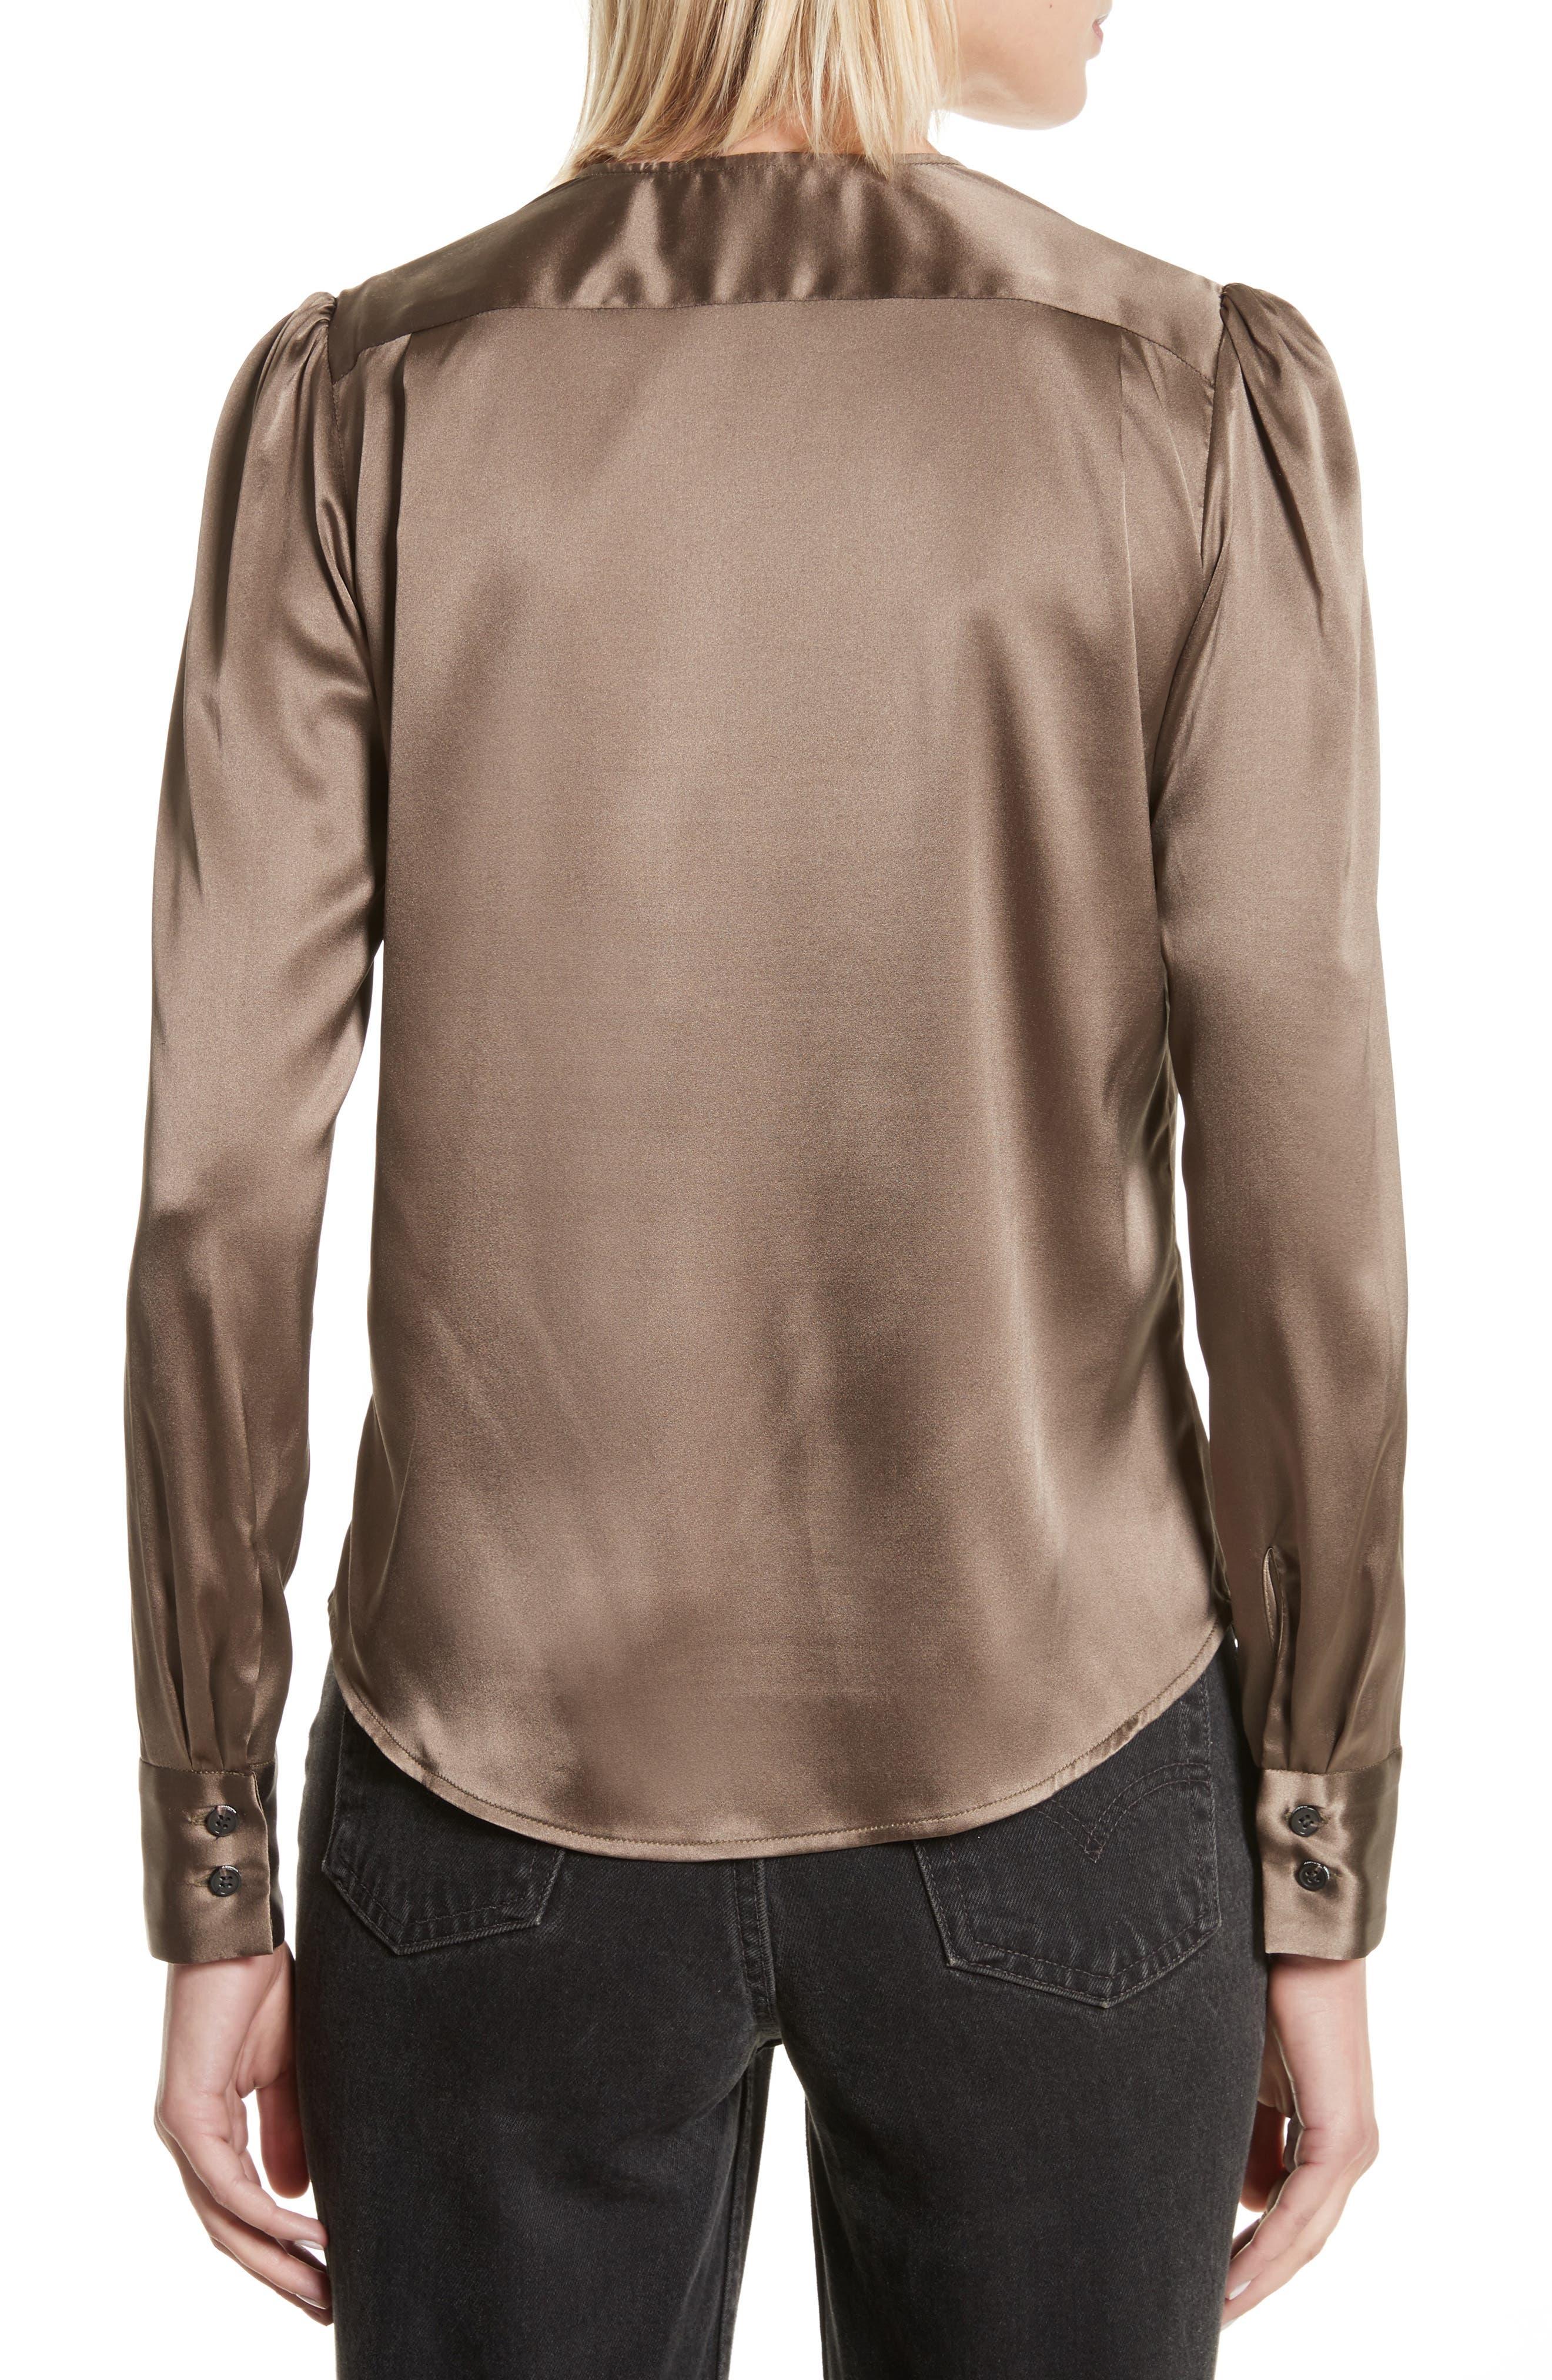 Shield Silk Blouse,                             Alternate thumbnail 2, color,                             Khaki